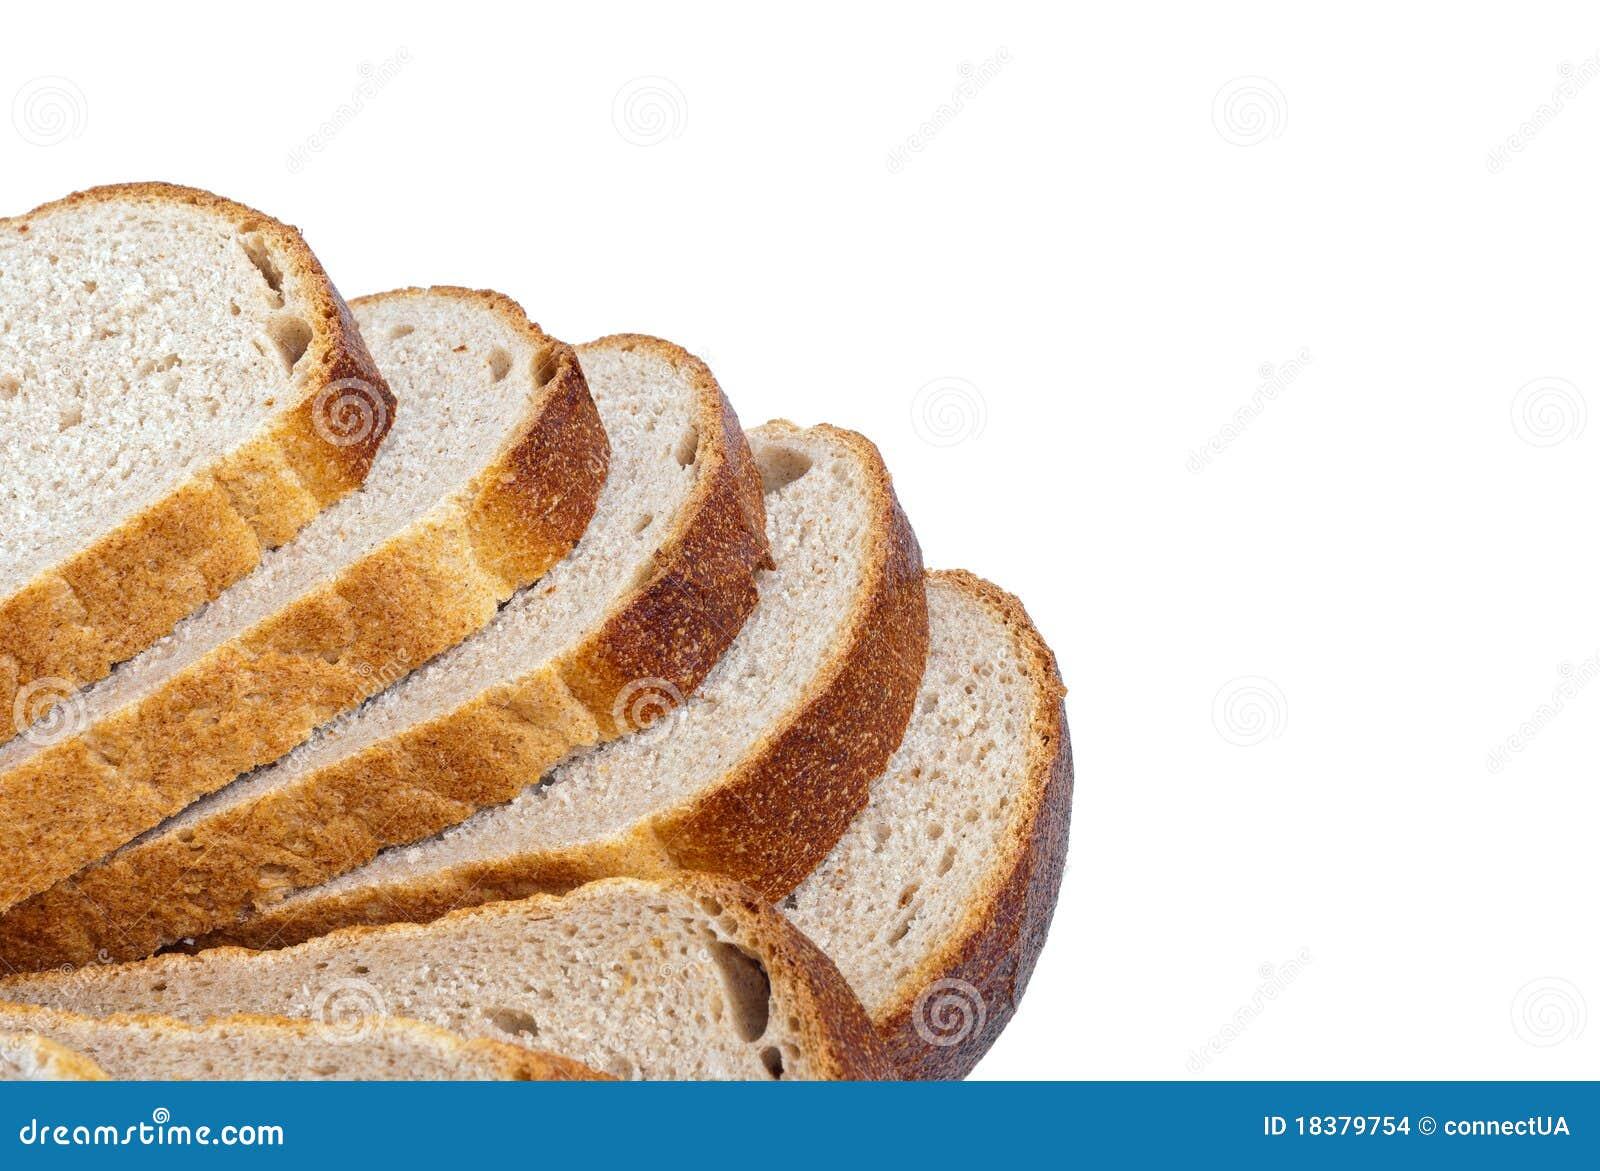 White loaf slices